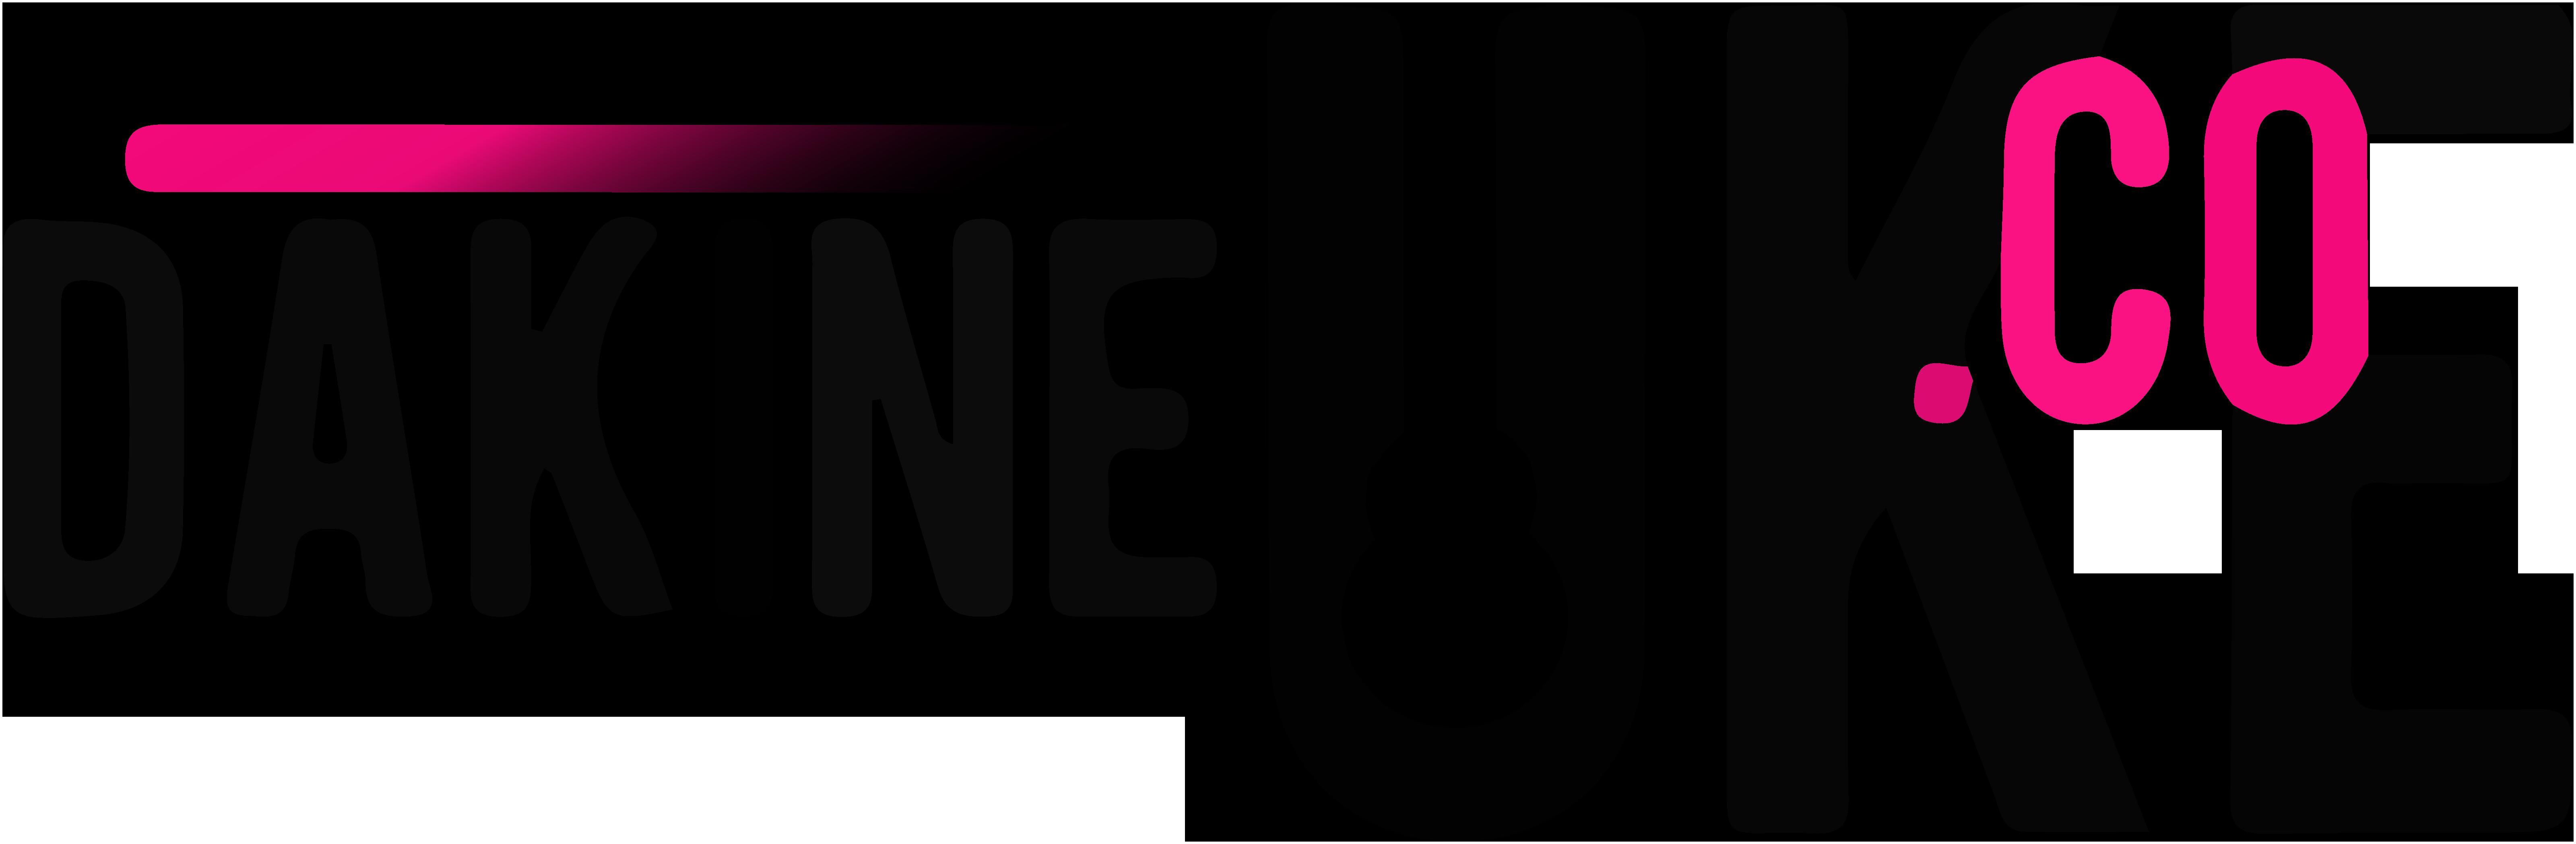 Dakine Uke Ukulele Classes for All Ages